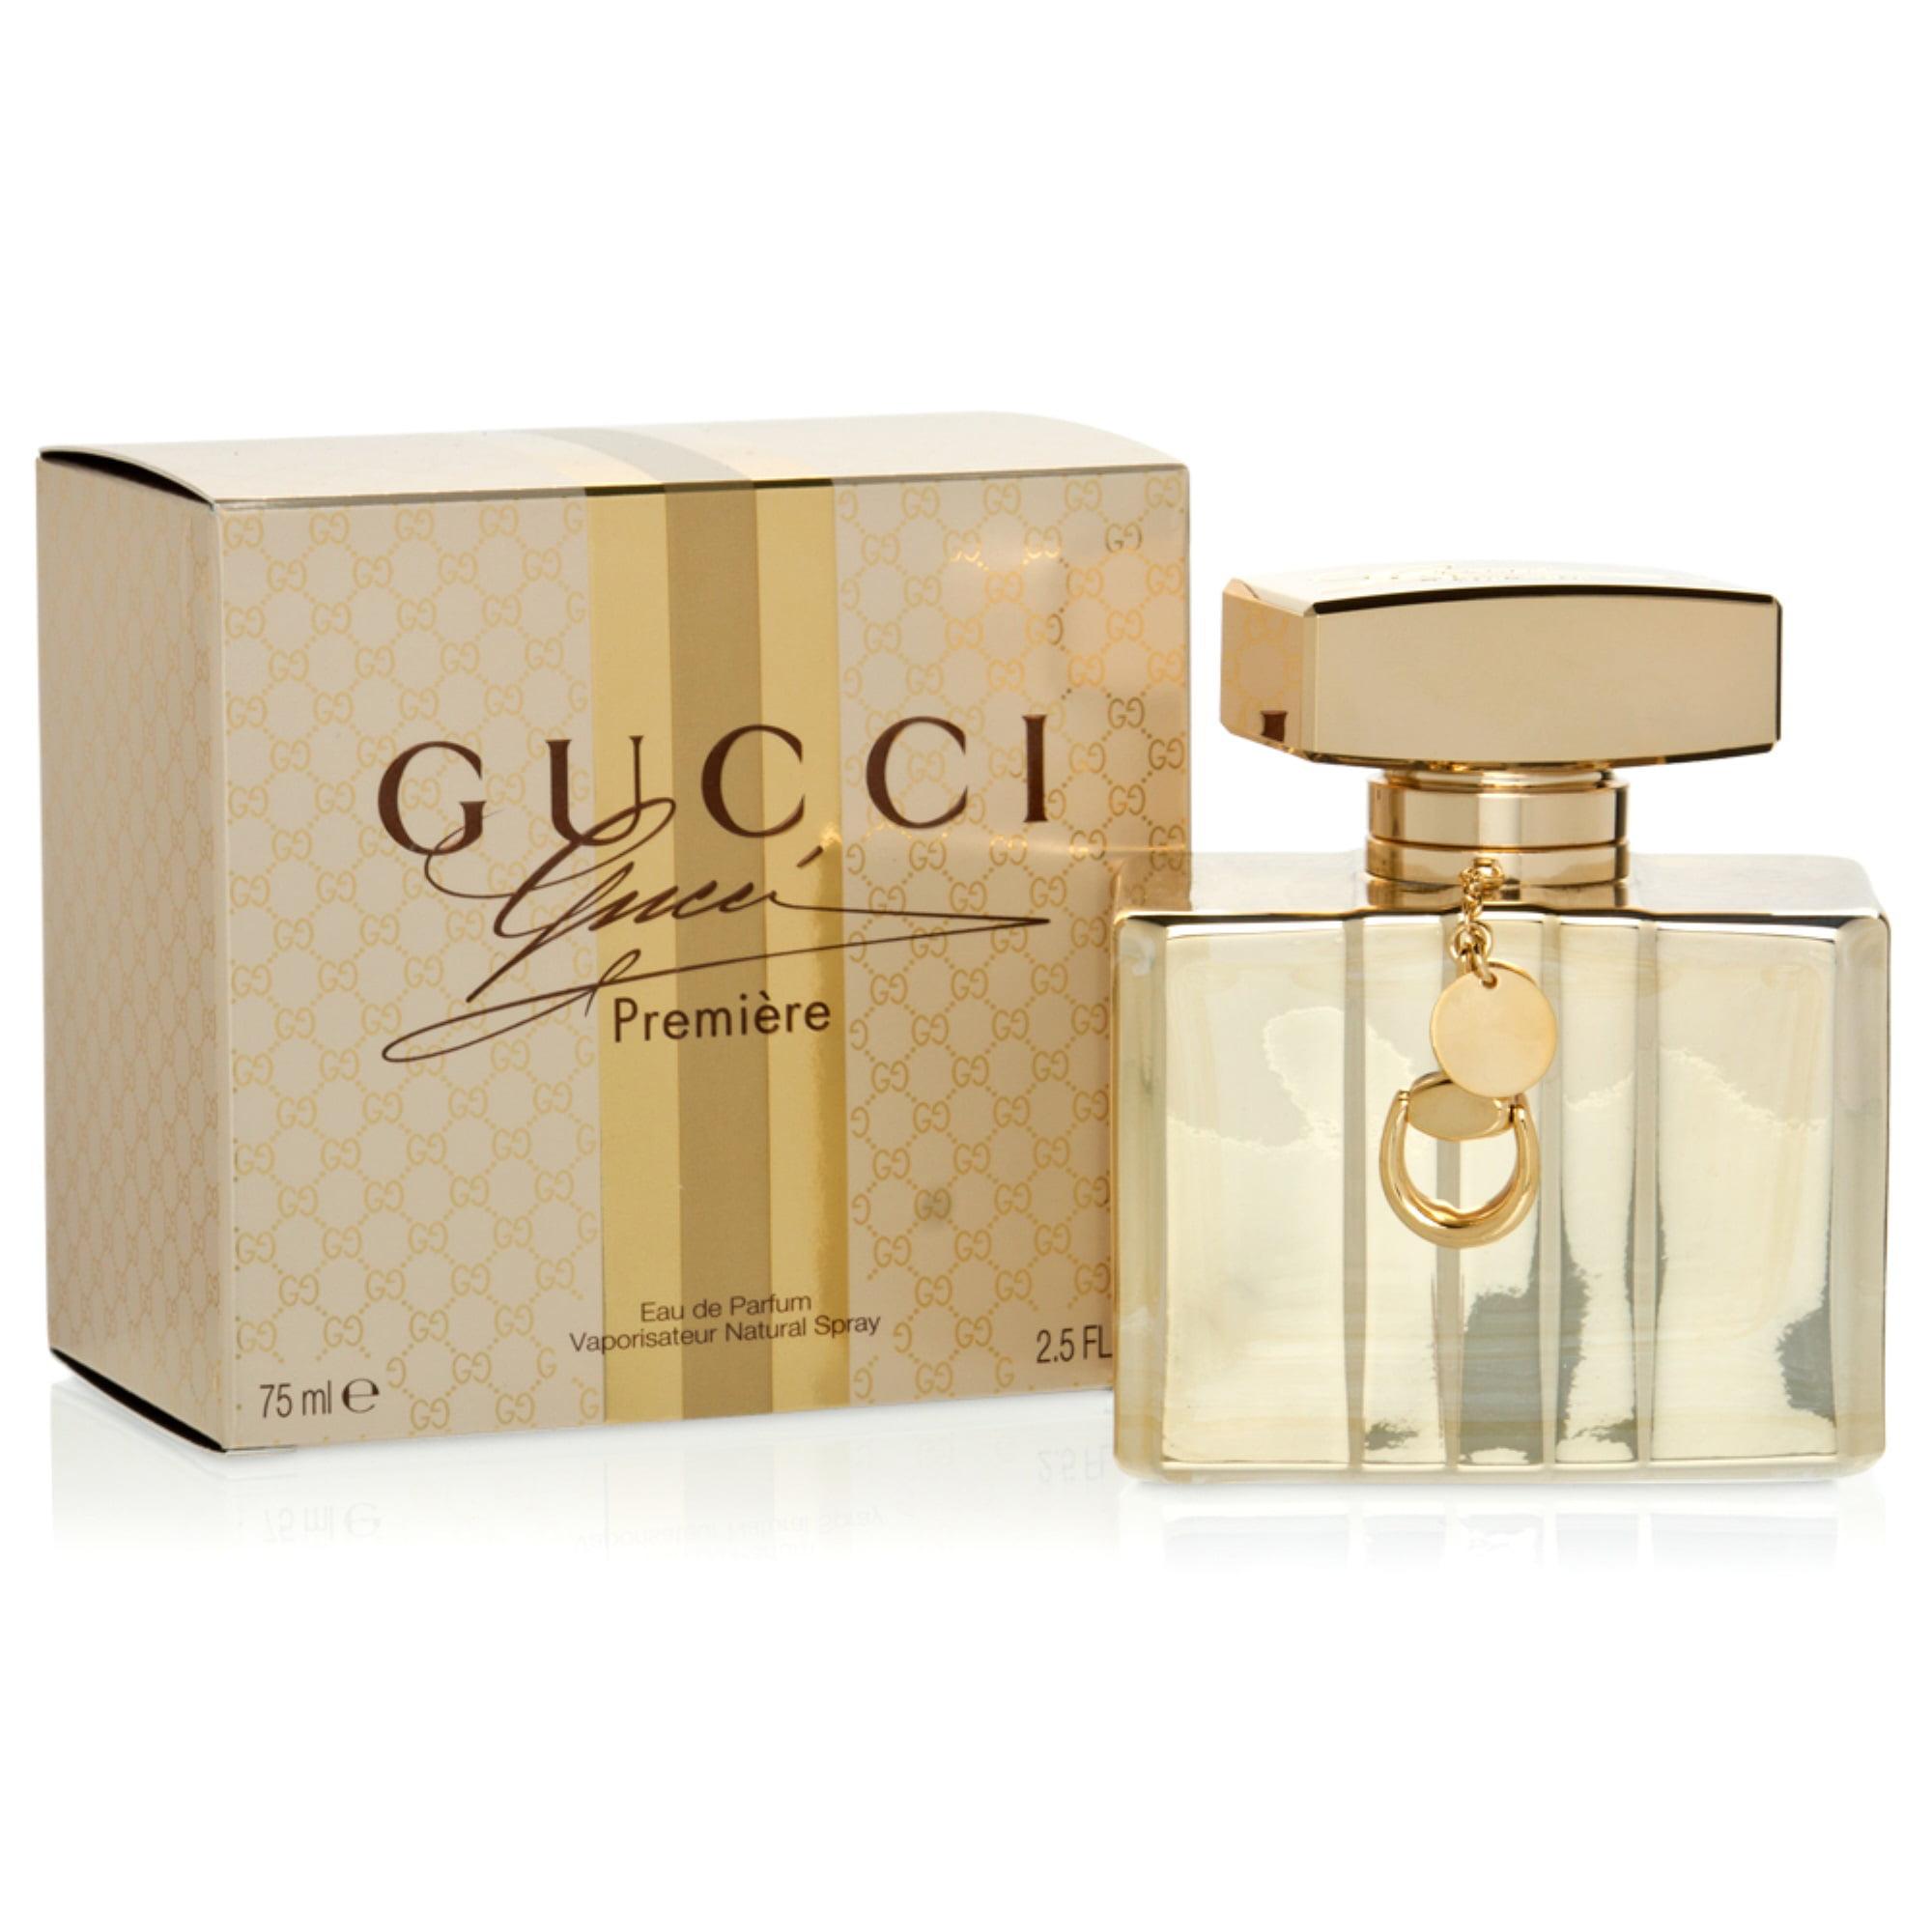 Gucci Premiere Eau De Parfum For Her 75ml Walmart Canada